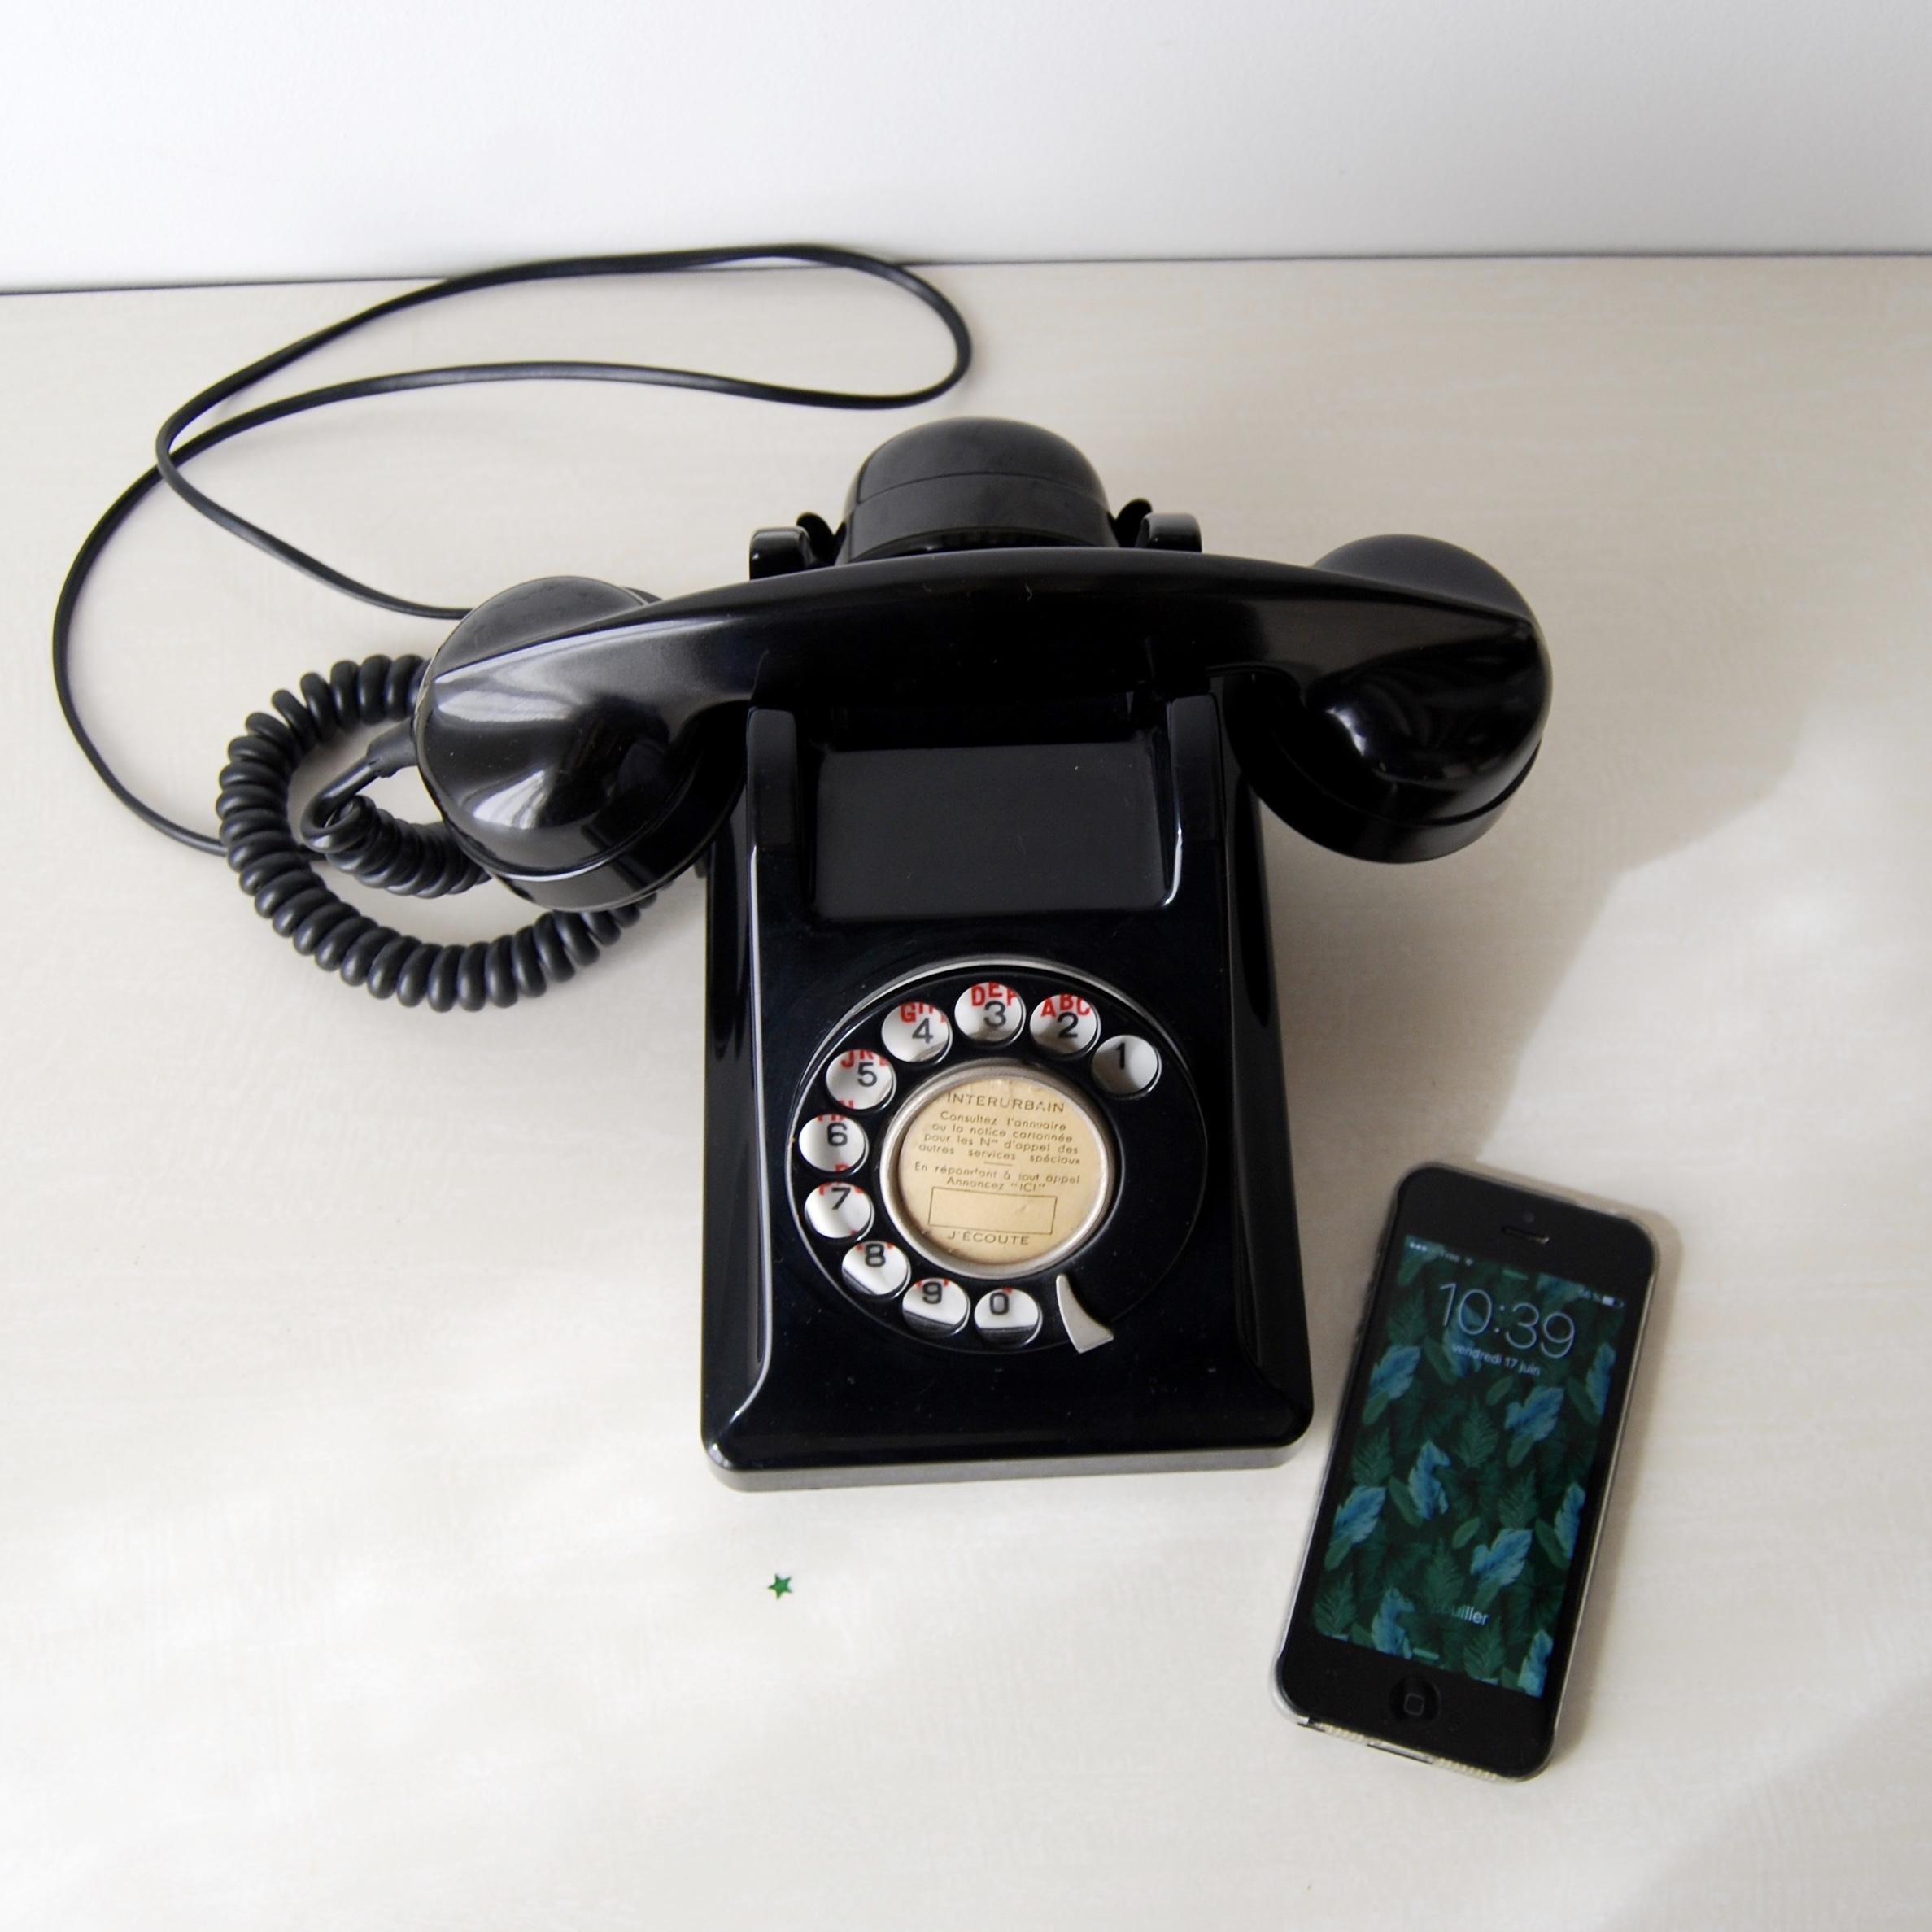 ancien annuaire téléphonique